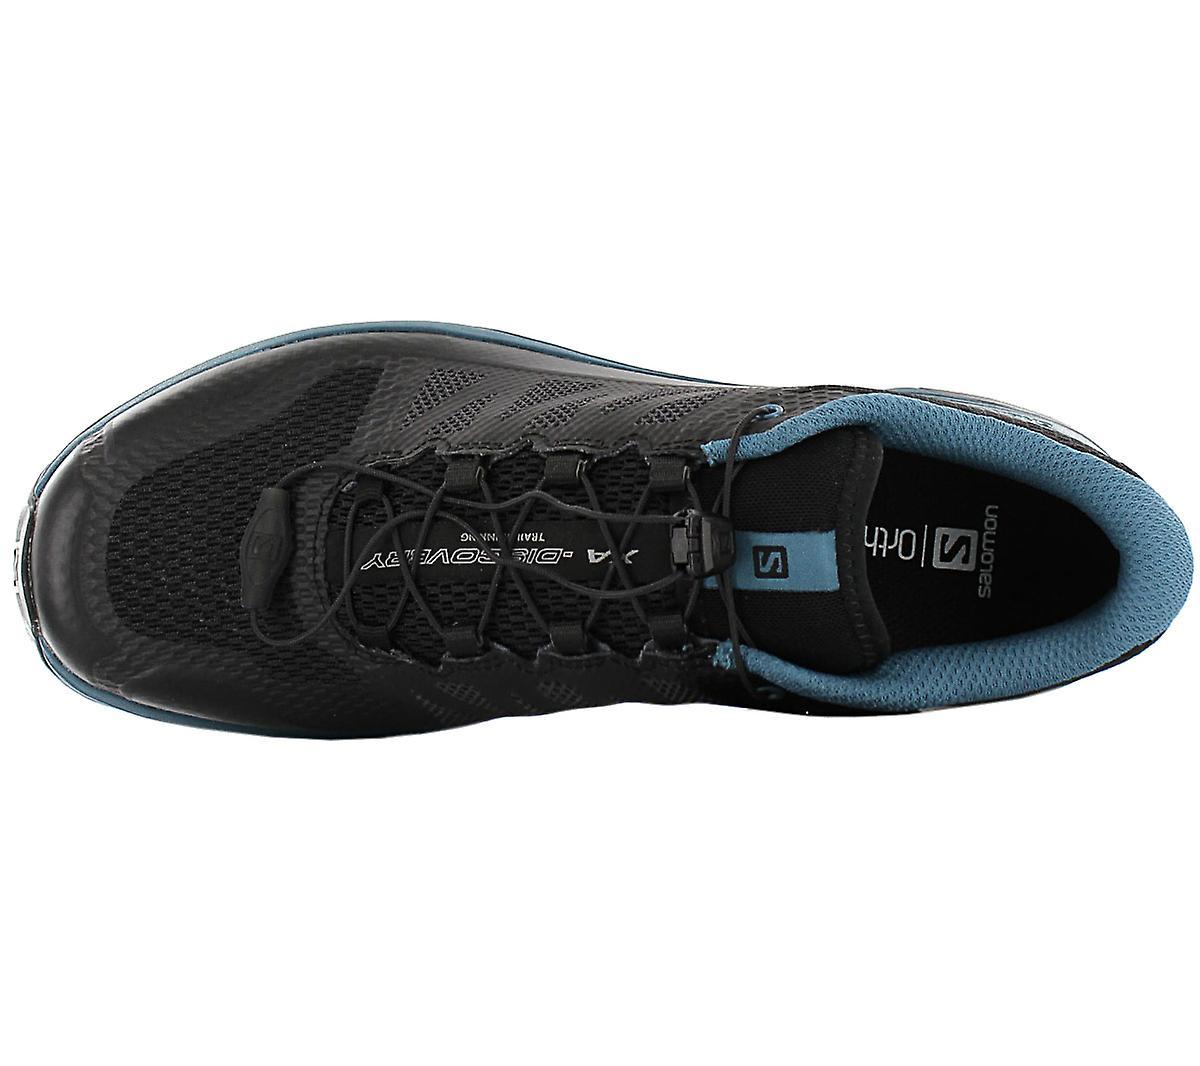 Salomon Xa Discovery - Herren Wanderschuhe Schwarz-petrol 406619 Sneakers Sportschuhe